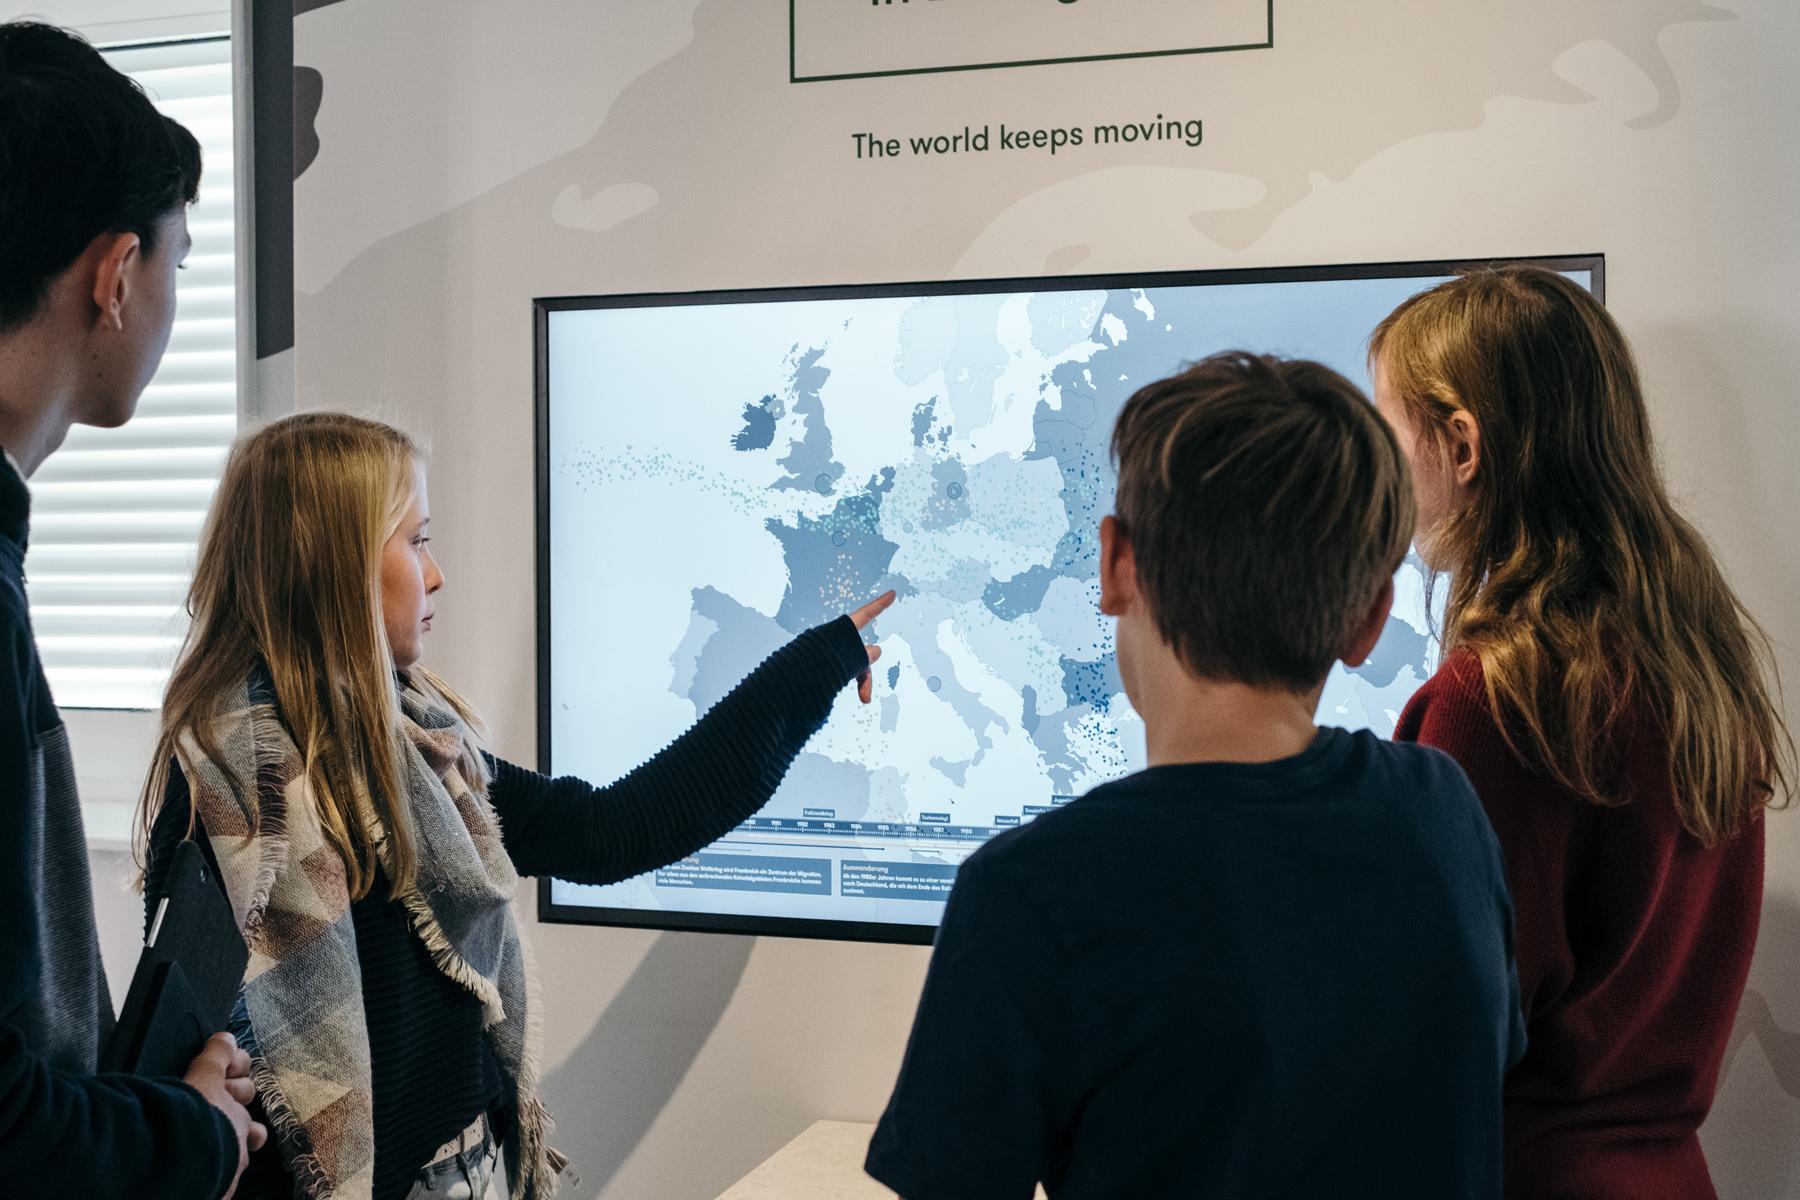 """4 Jugendliche Stehen vor einem Bildschirm mit einer Weltkarte, über dem Bildschirm stehen die Worte: """"The world keeps moving""""."""